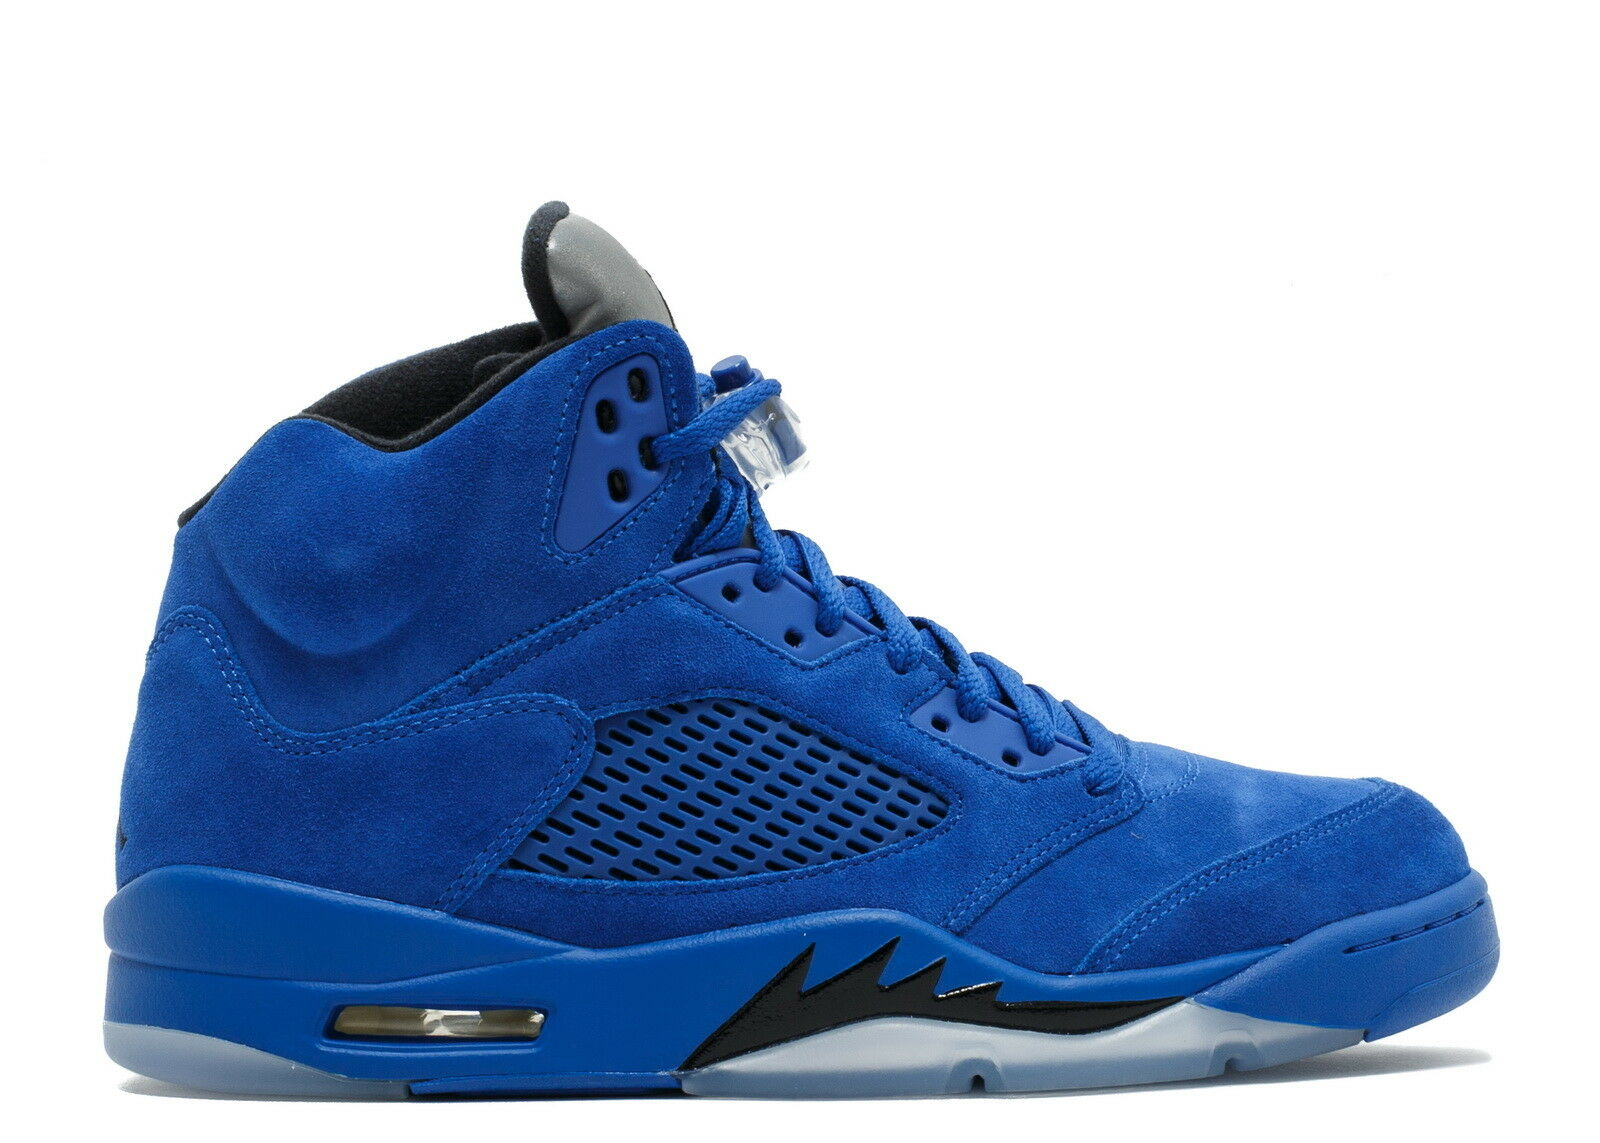 Air Jordan 5 Retro Blue Suede Game Royal Black 136027-401 Mens New